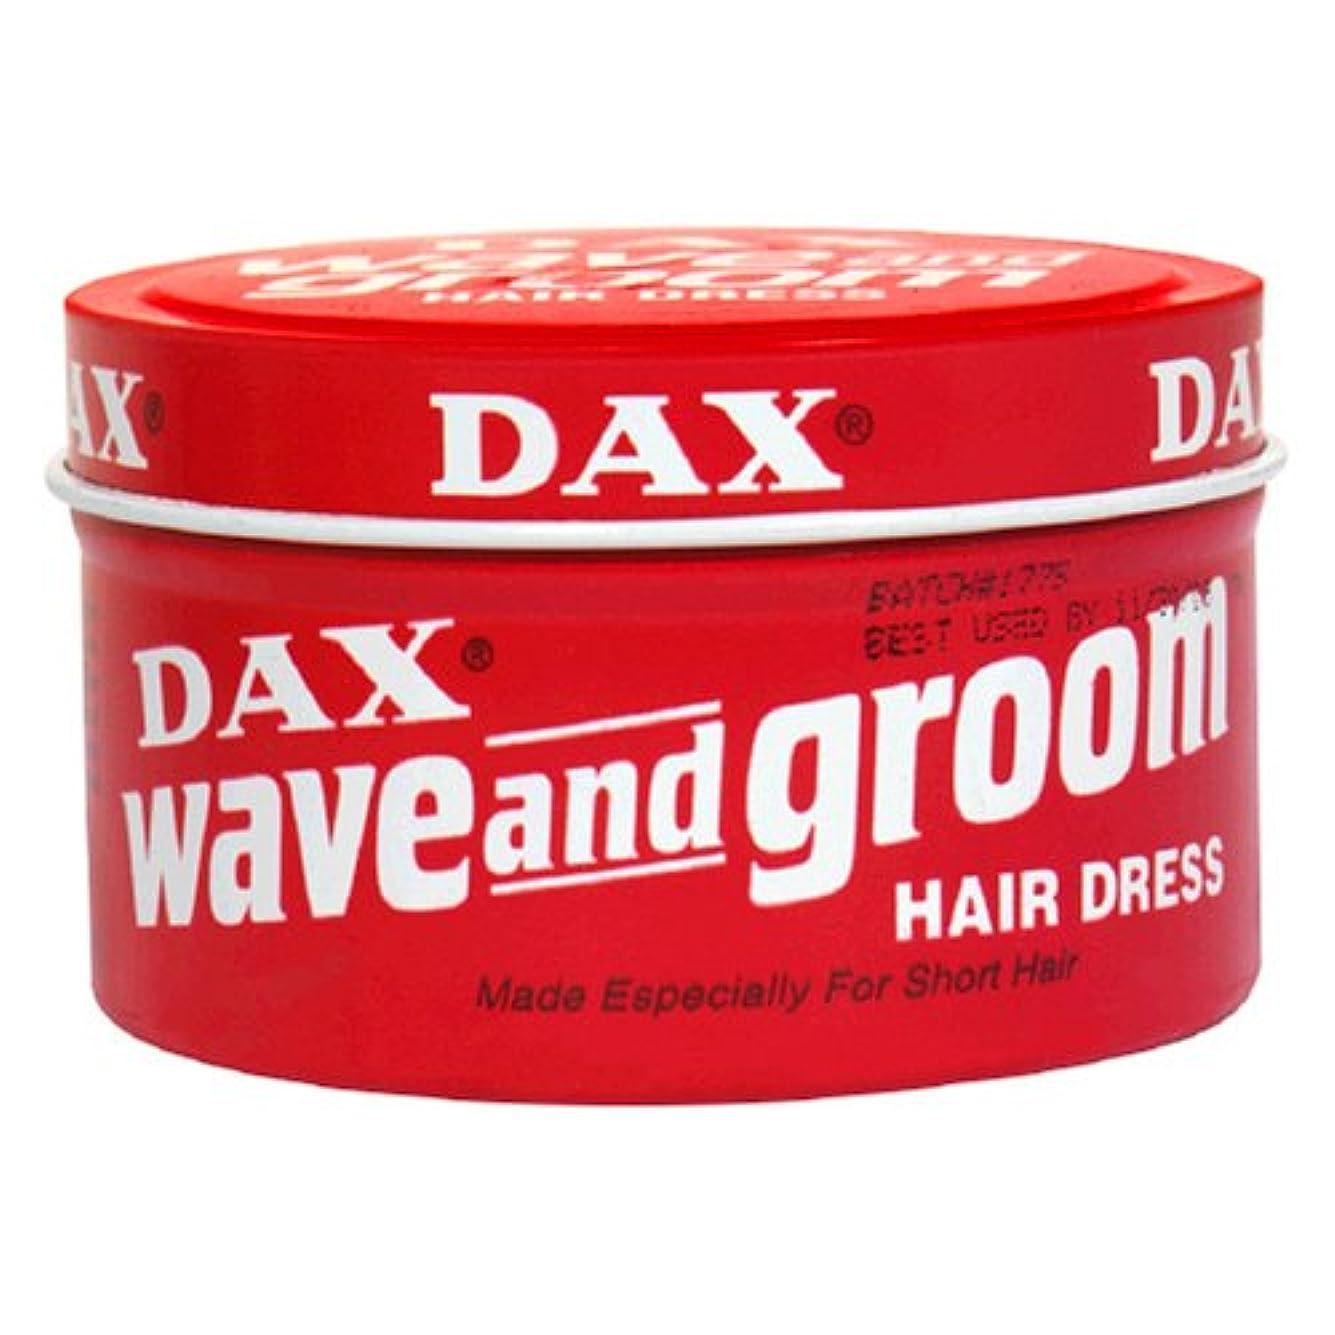 救援認証抜け目のないDax Wave & Groom Hair Dress 99 gm Jar (Case of 6) (並行輸入品)